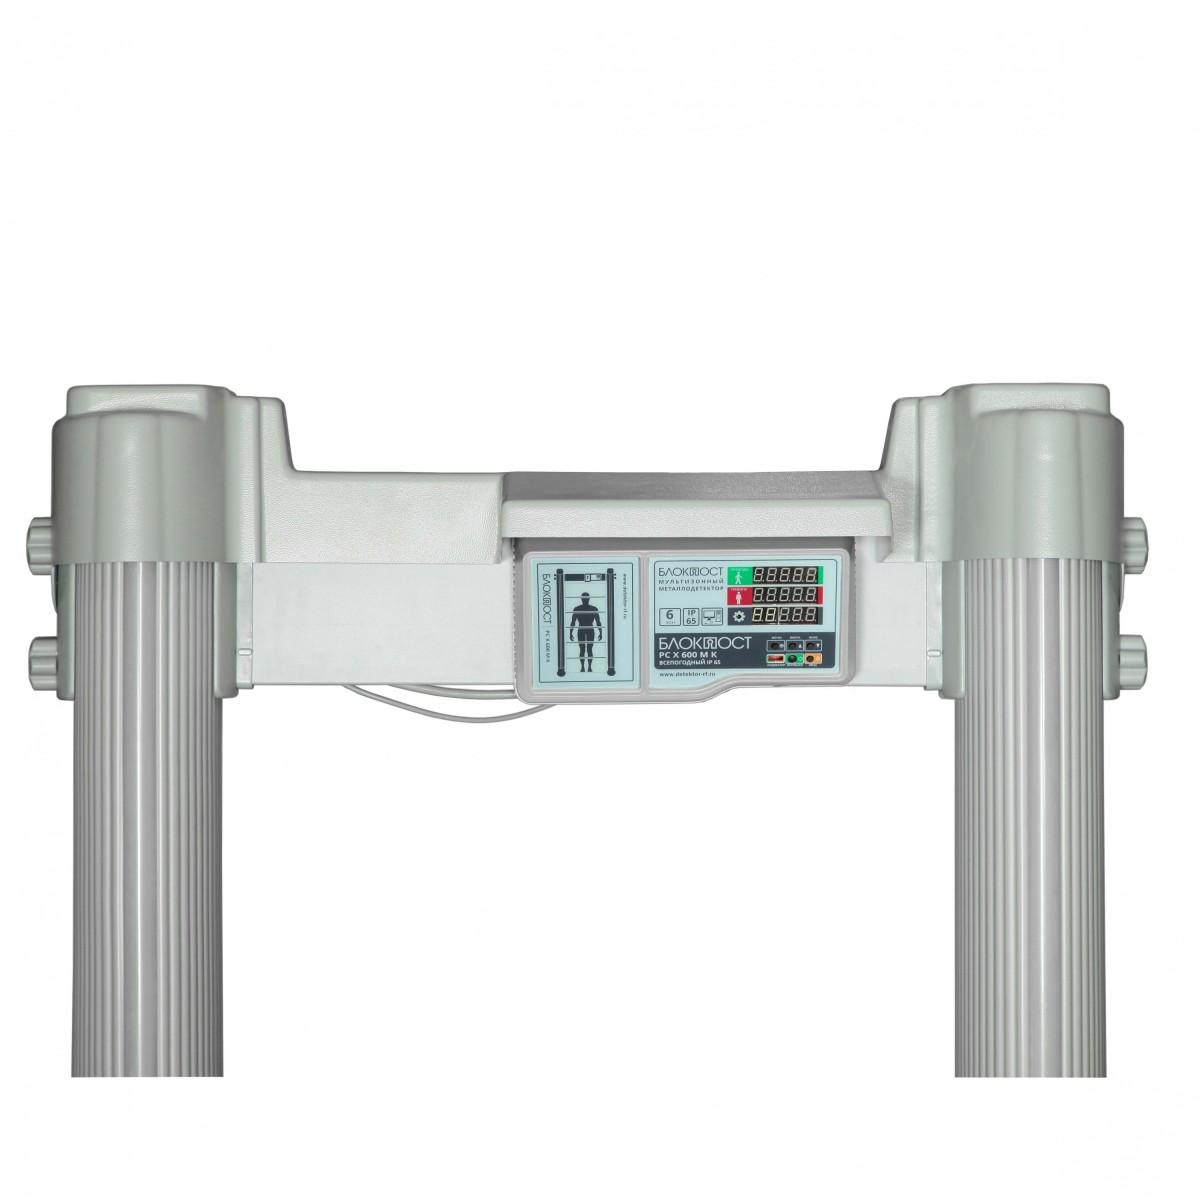 Арочный металлодетектор БЛОКПОСТ РС X 600 М K.